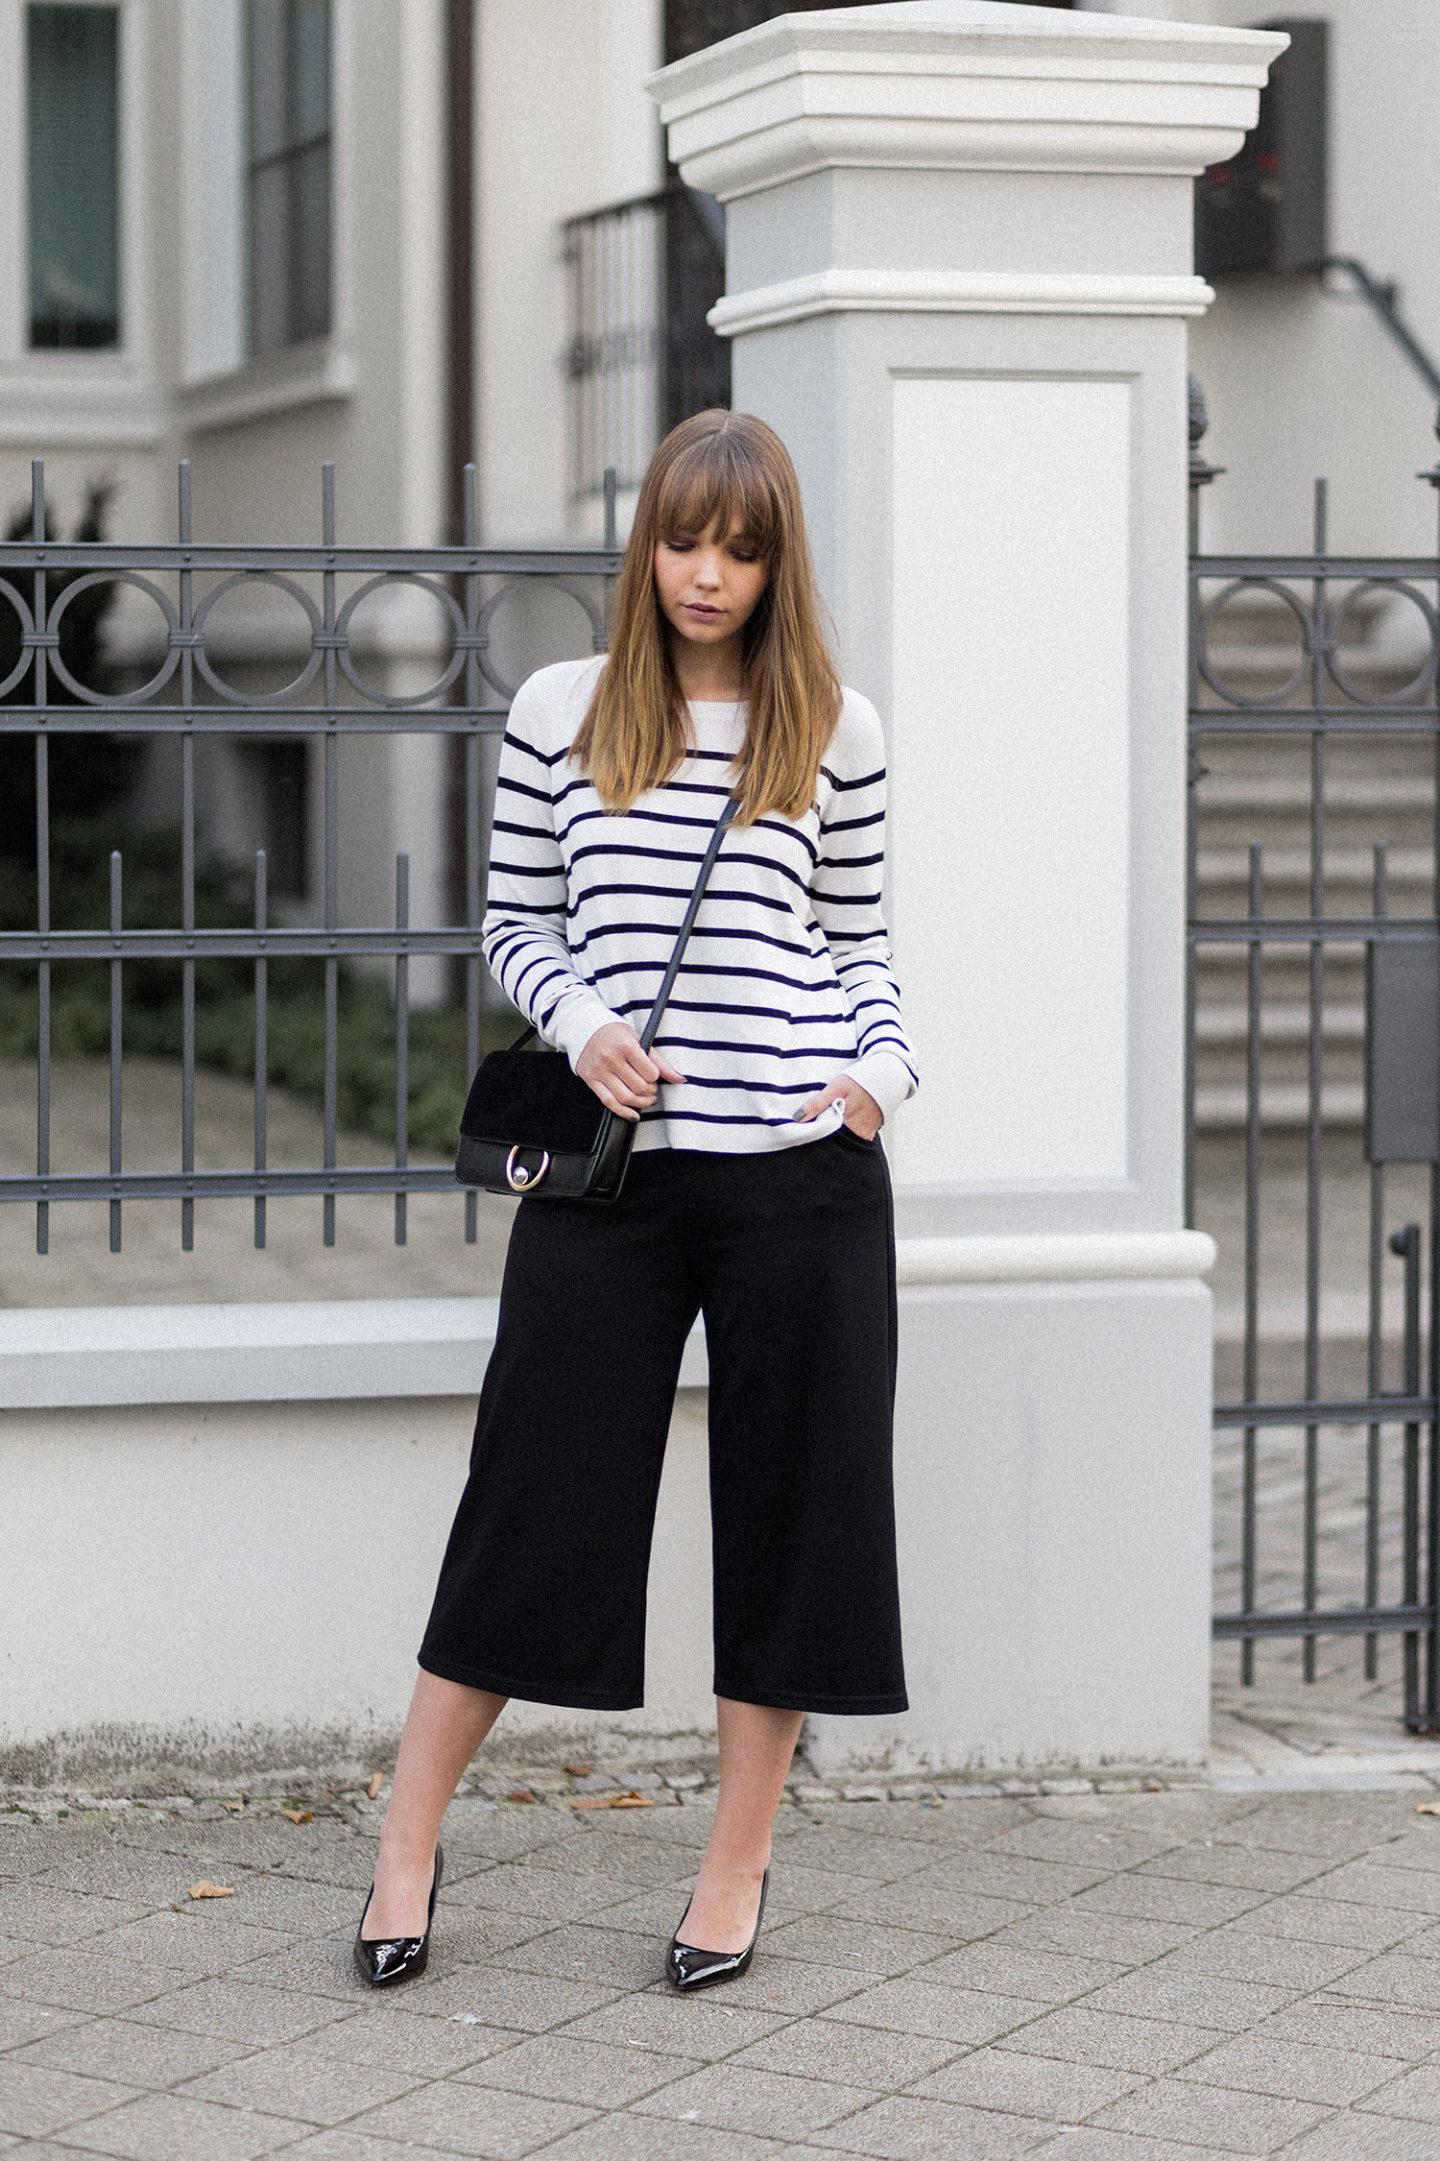 Culotte im Herbst Outfit, Streifen Pullover, Lack Pumps Zara, Streetstyle, schwarz-weiß Outfit, bezauberndenana.de